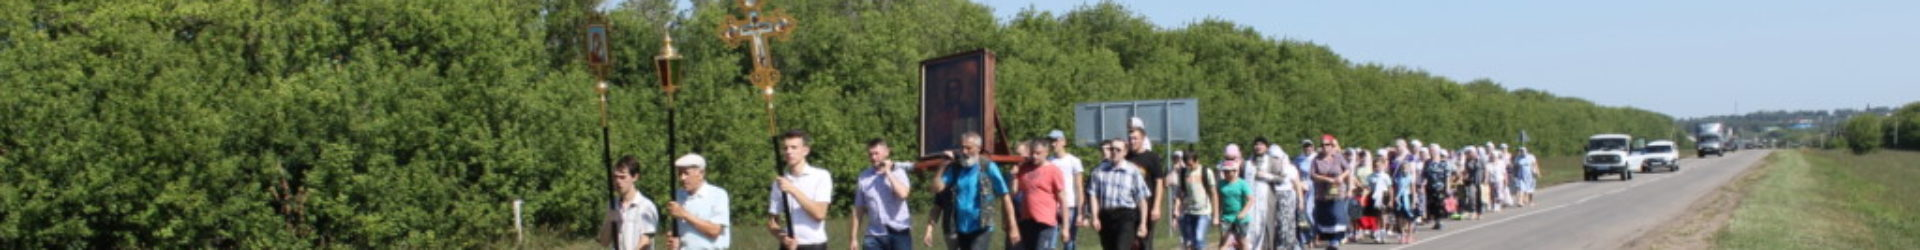 Приход Спасо - Преображенского храма села Спасское